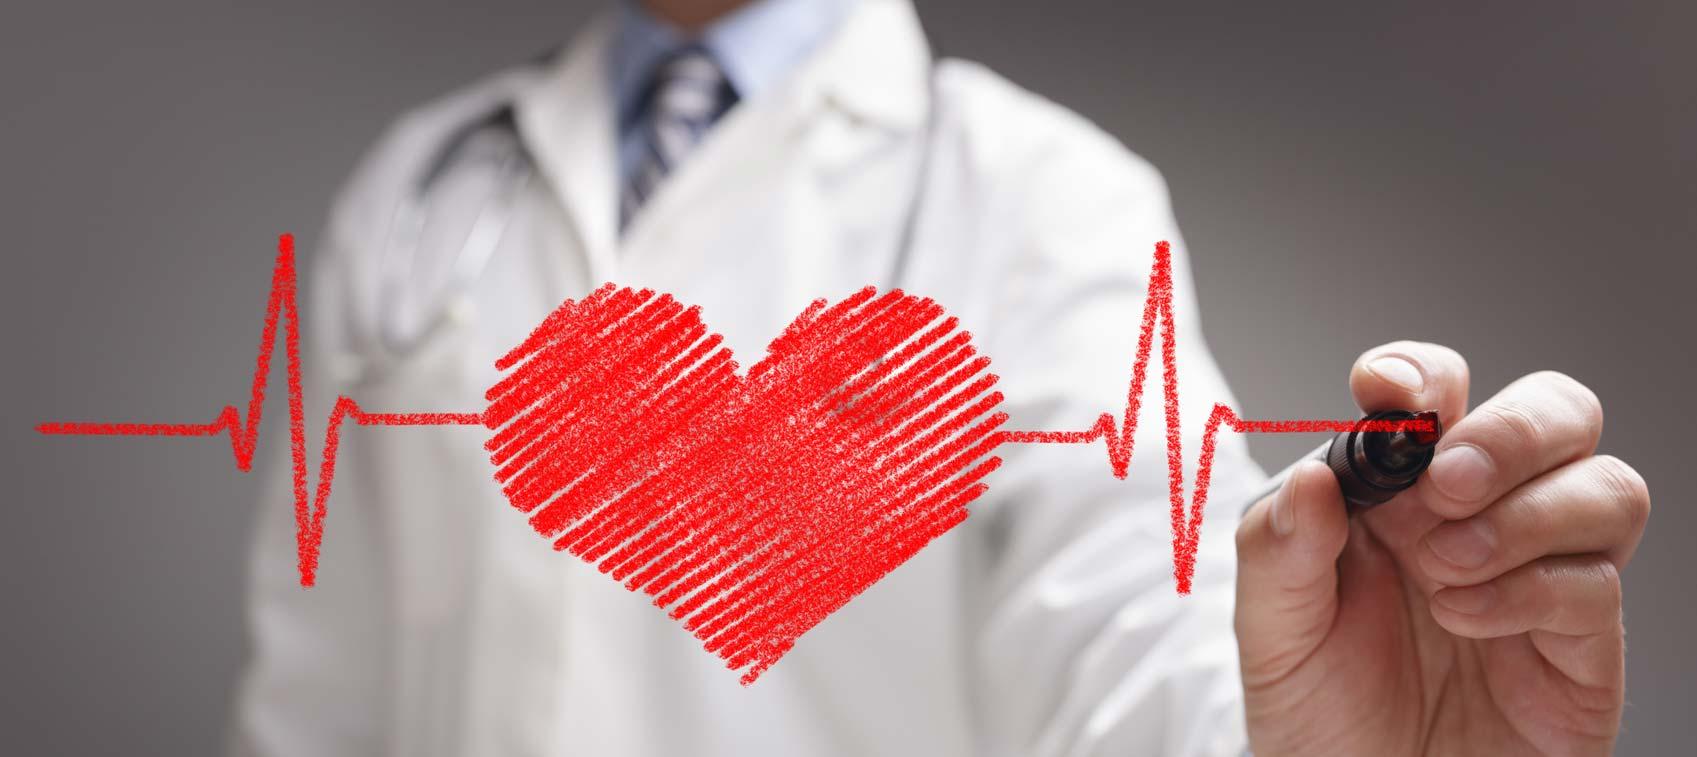 اسیدفولیک و مکملهای امگا۳ به بهبود سلامت این عضو بدن کمک می کند